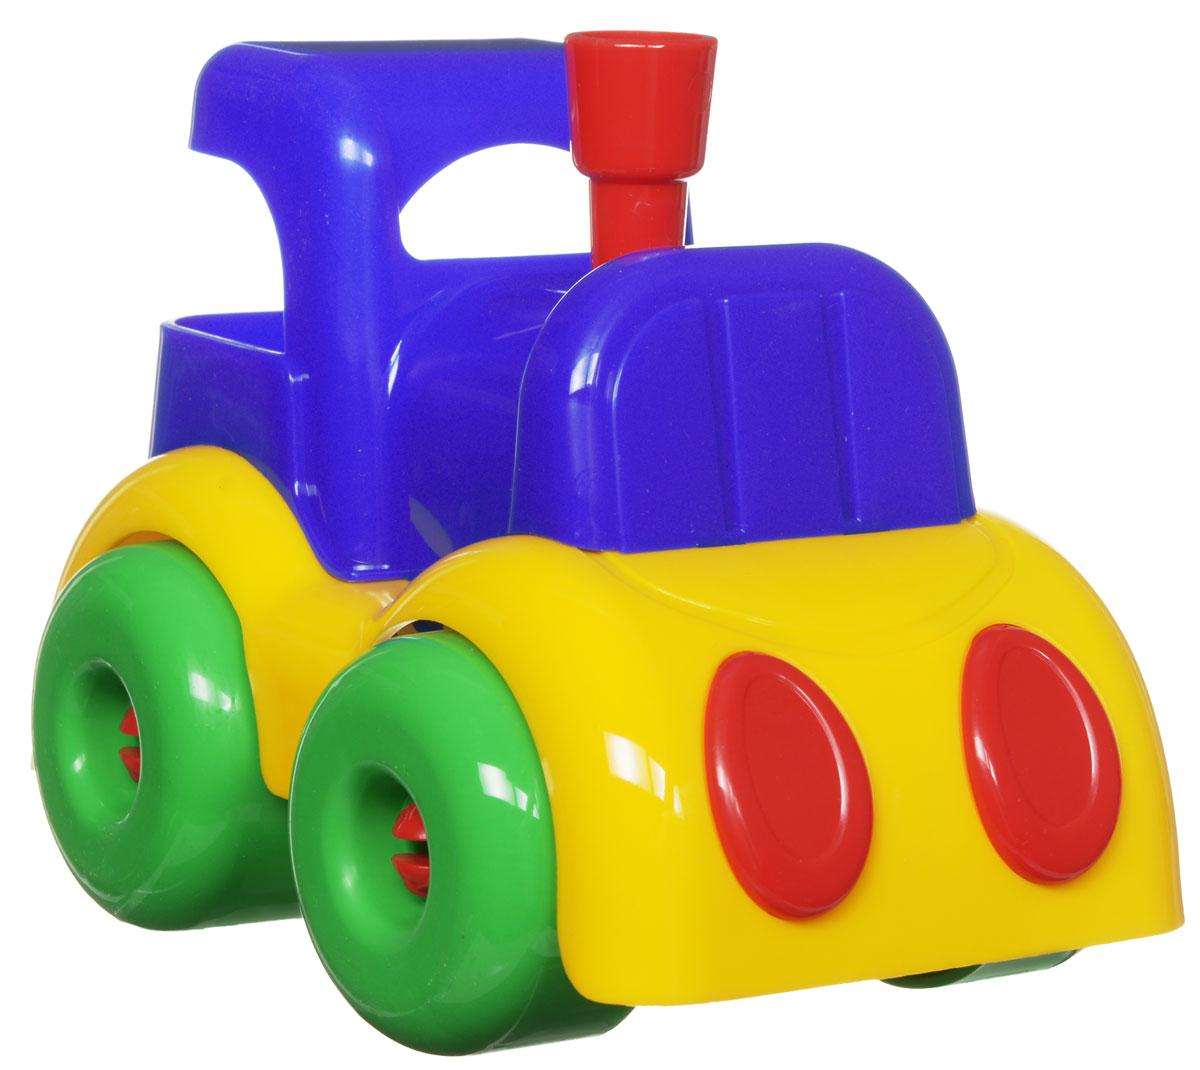 Пластмастер Паровозик Малышок плэйдорадо 12015 каталка паровозик малышок 1 15 р63146